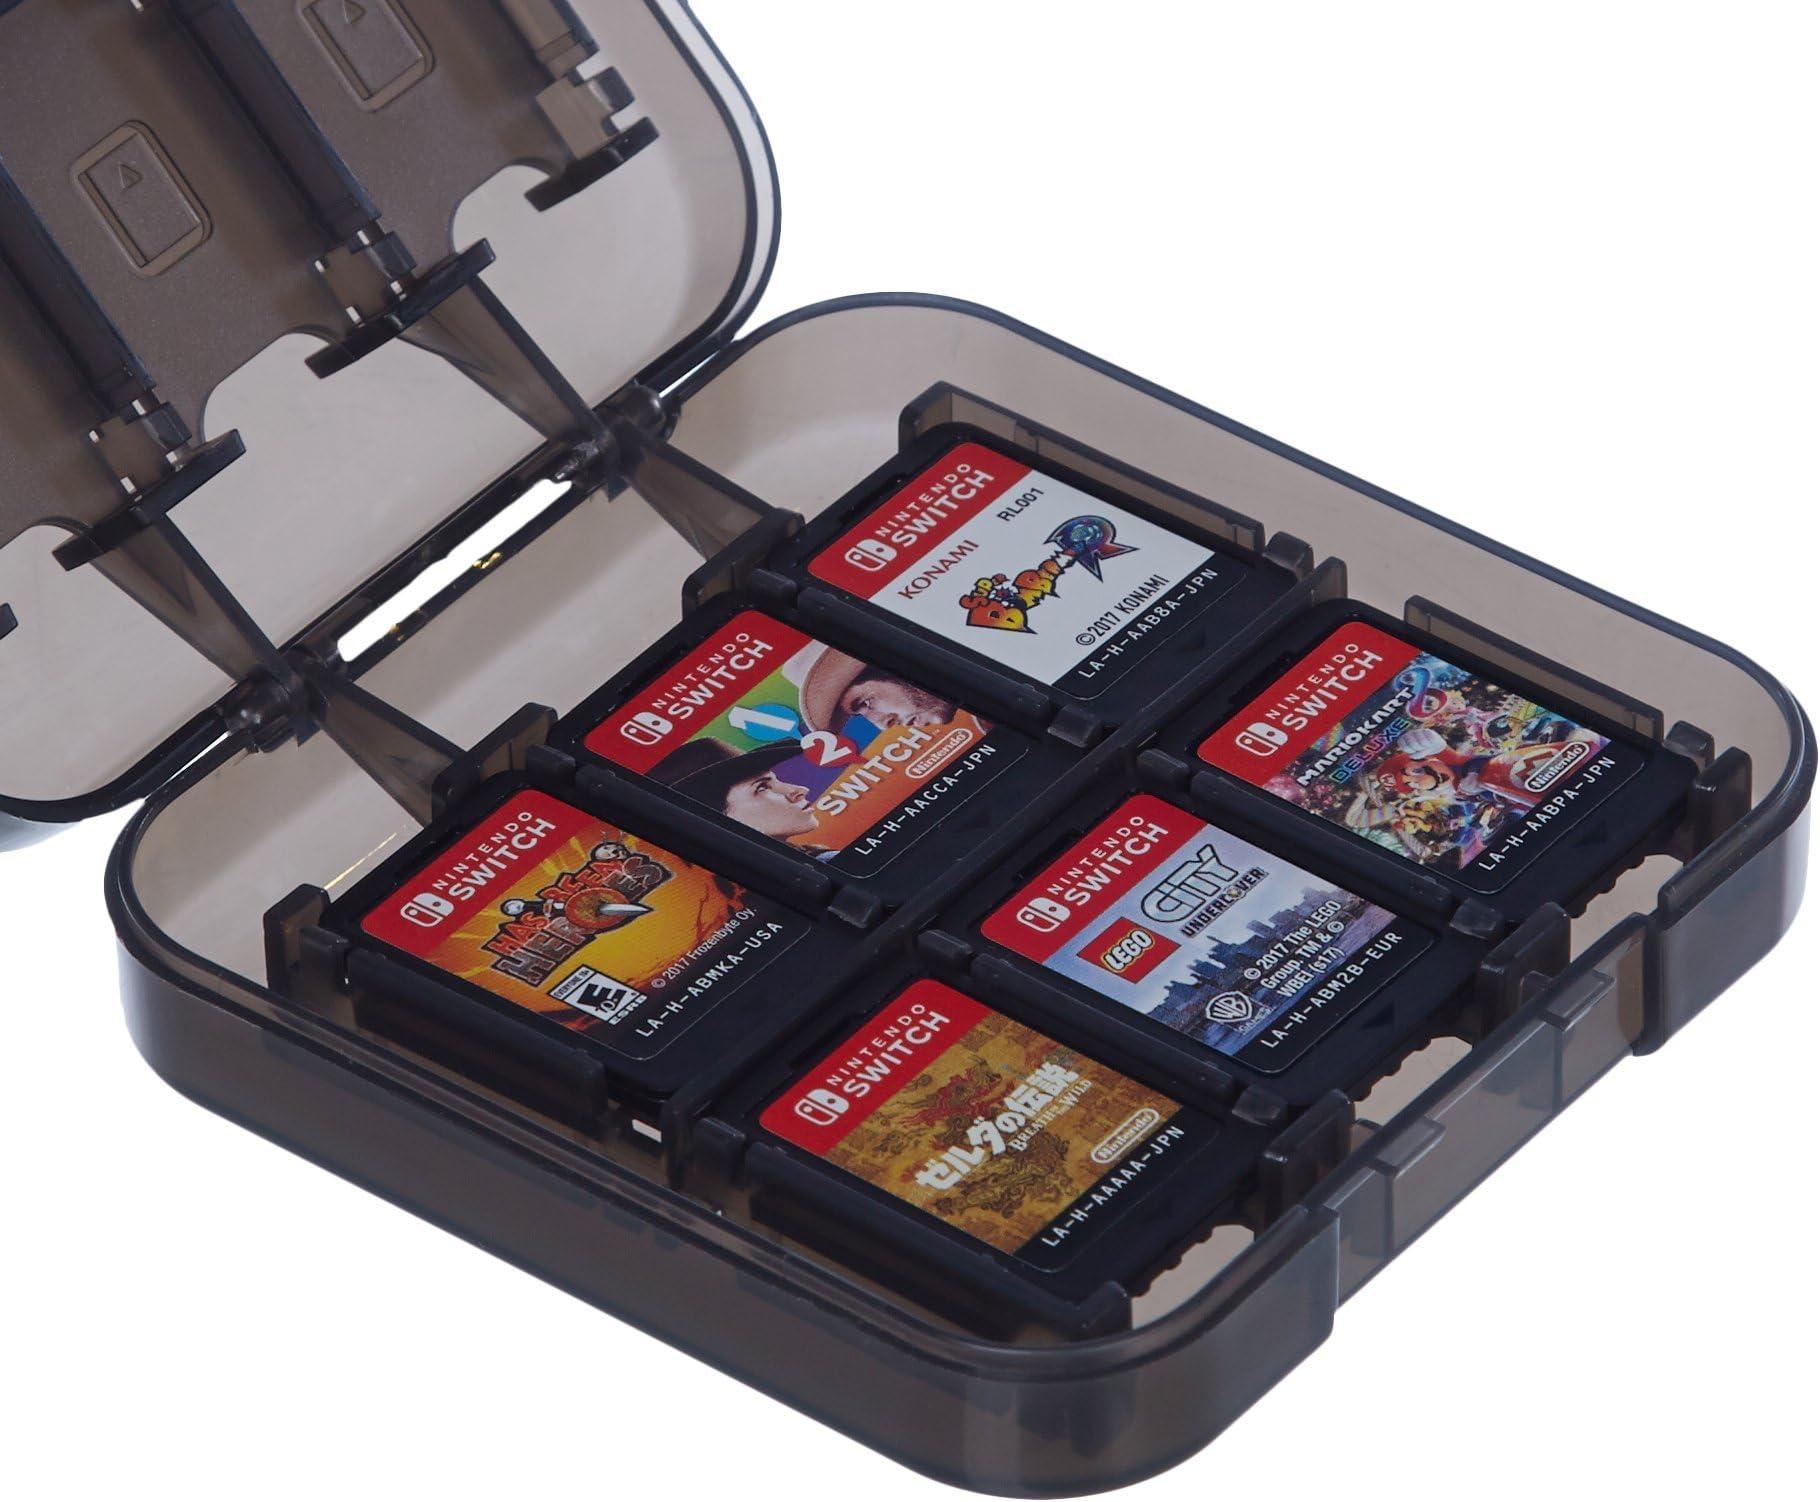 Amazon.com: AmazonBasics Game Storage Case for 24 Nintendo ...